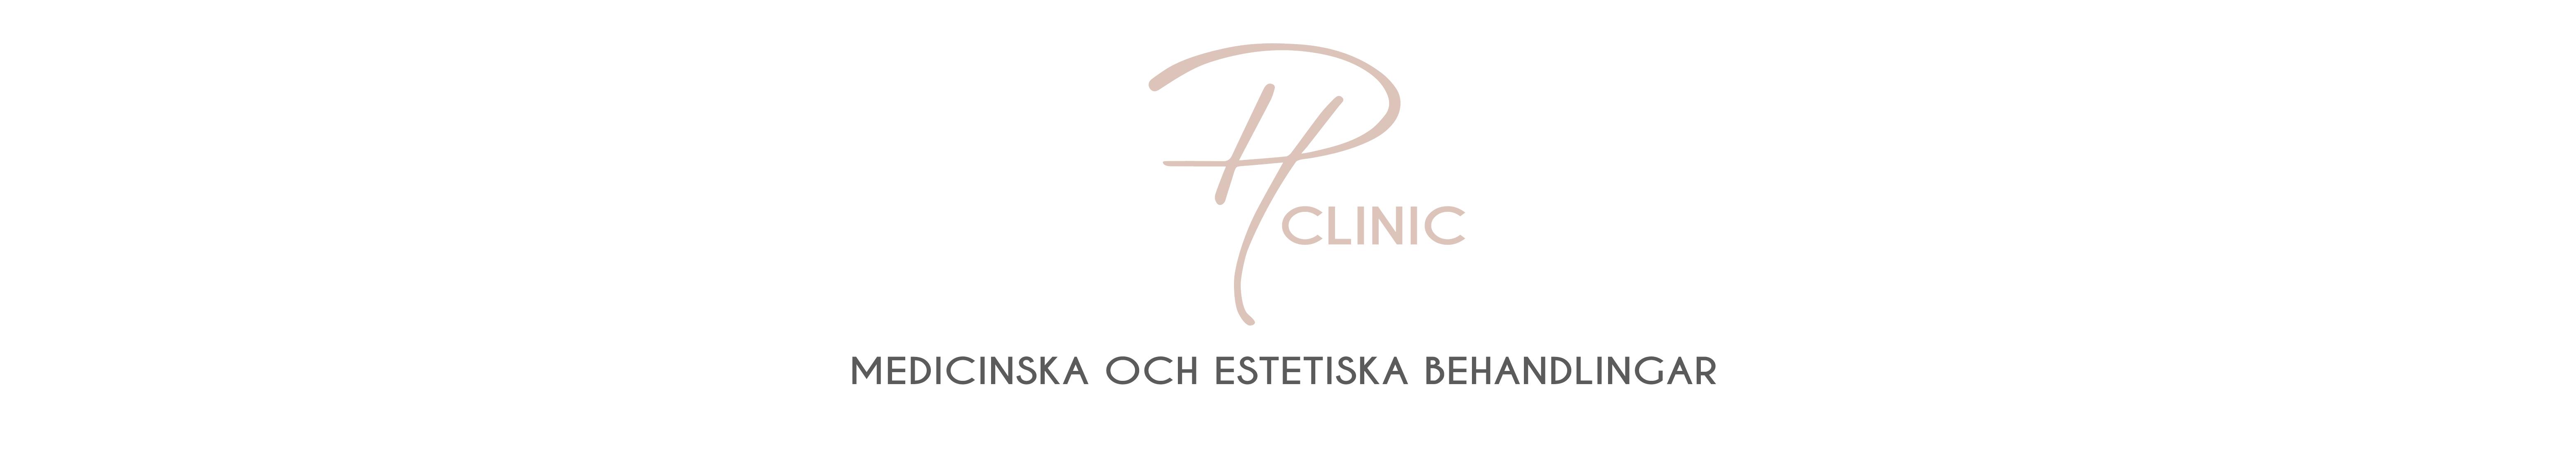 PH CLINIC